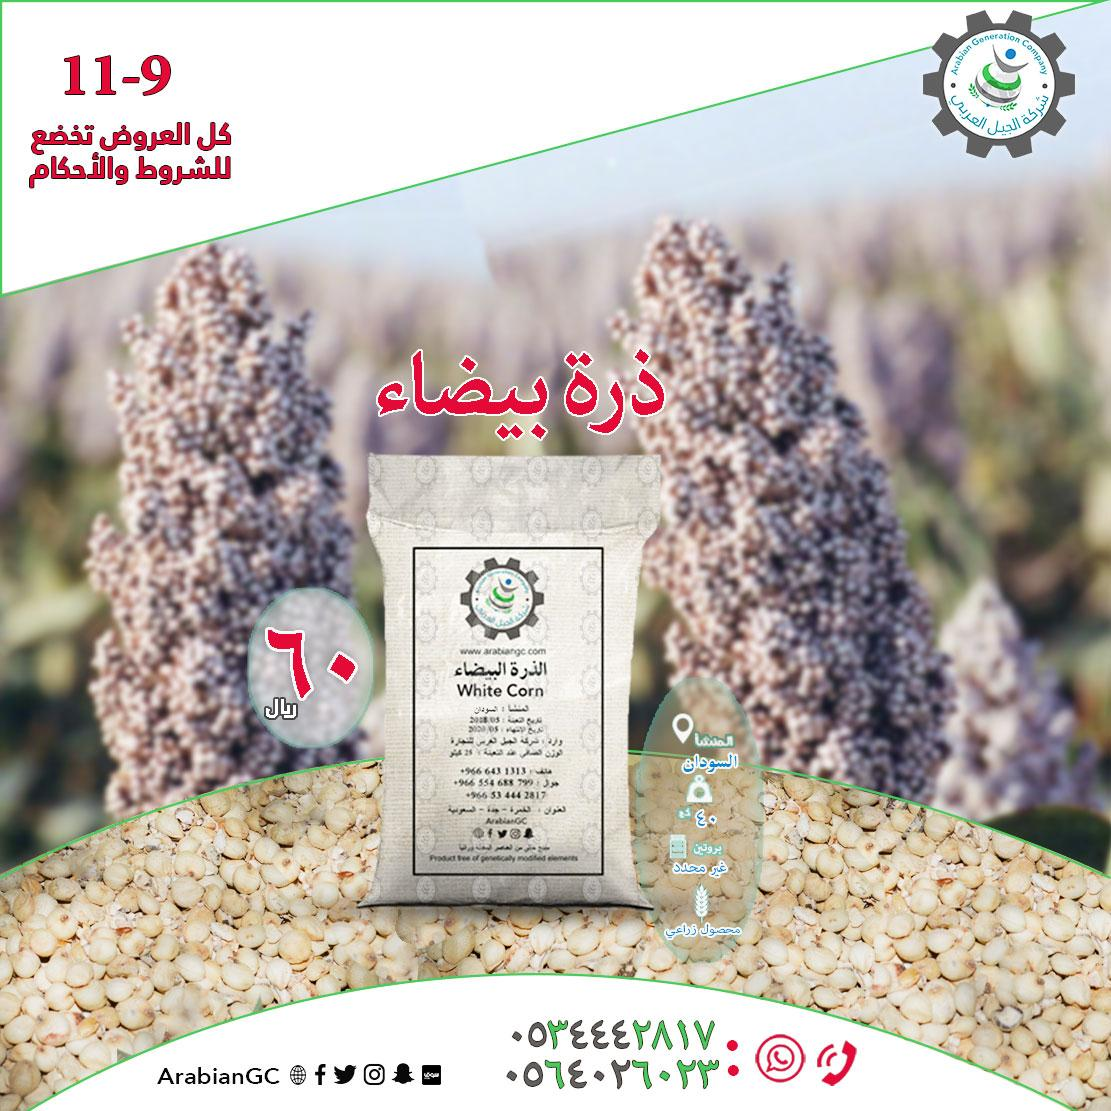 أعلاف محاصيل للبيع شركة الجيل d.php?hash=42R3NR88Q